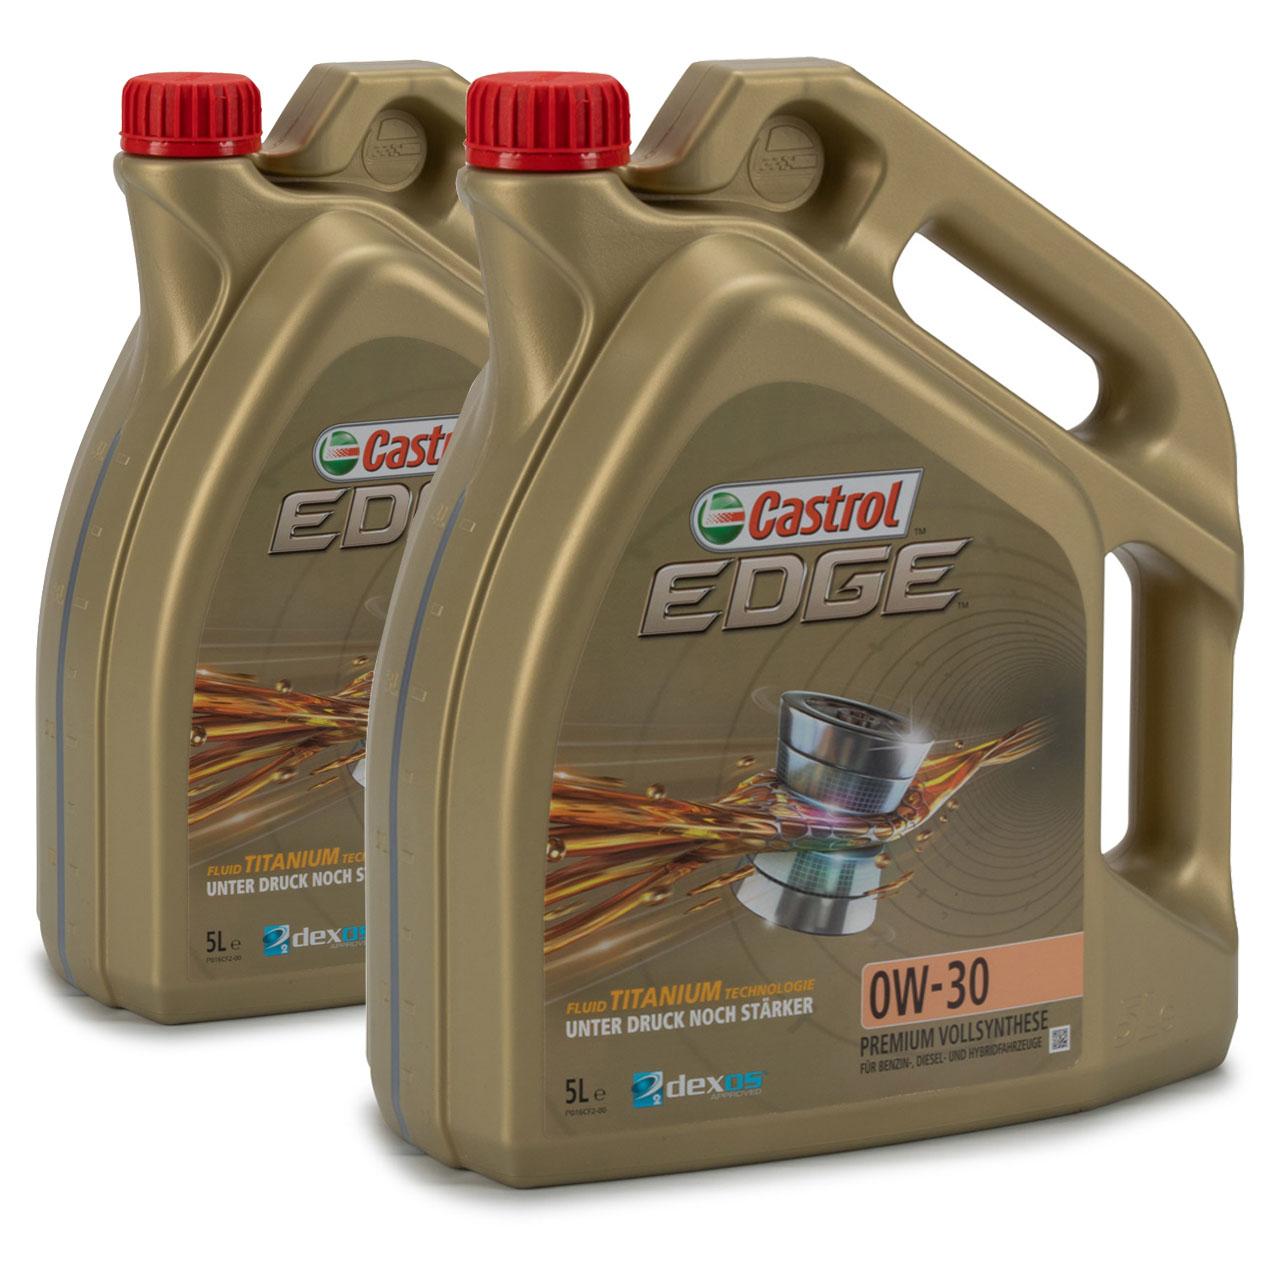 CASTROL EDGE Motoröl ÖL TITANIUM FST 0W30 dexos2 MB 229.31/229.51 - 10L 10 Liter